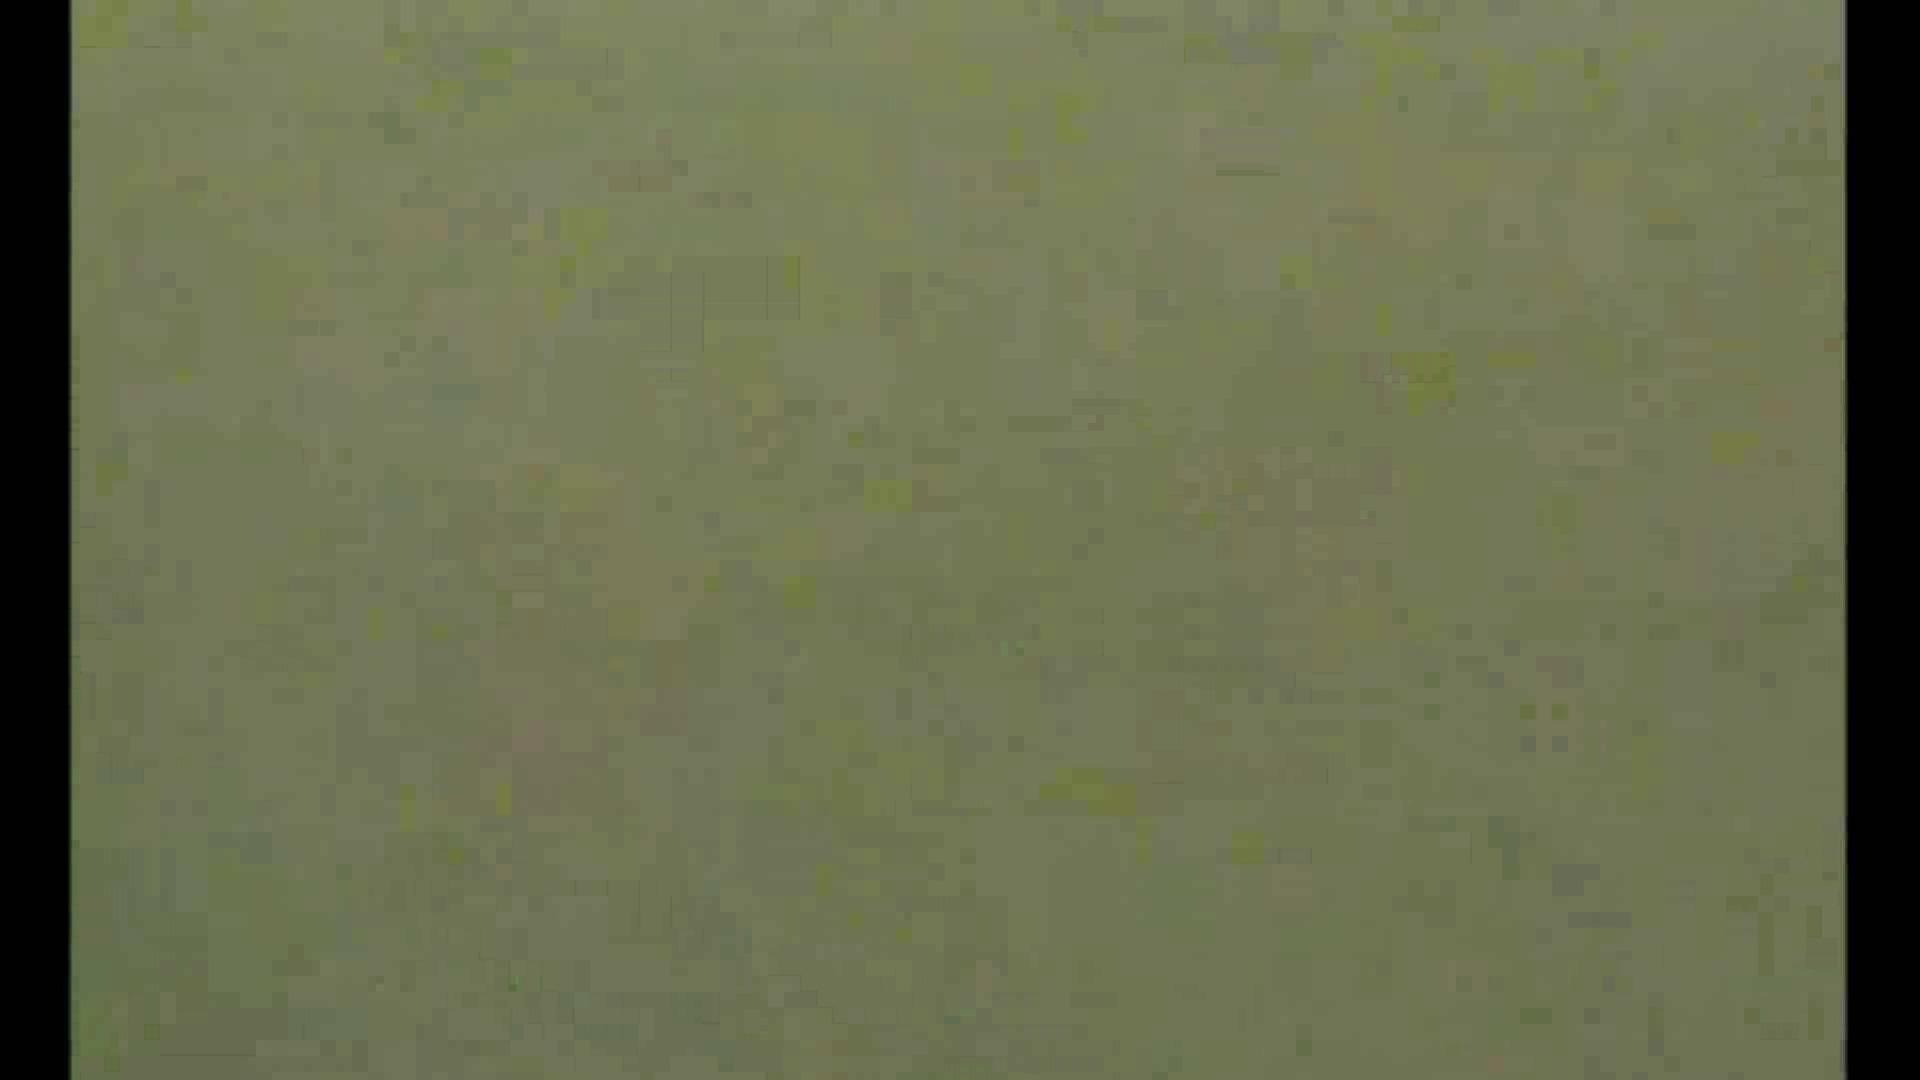 イケメンの素顔in洗面所 Vol.17 おしっこ | イケメンのsex  58pic 19